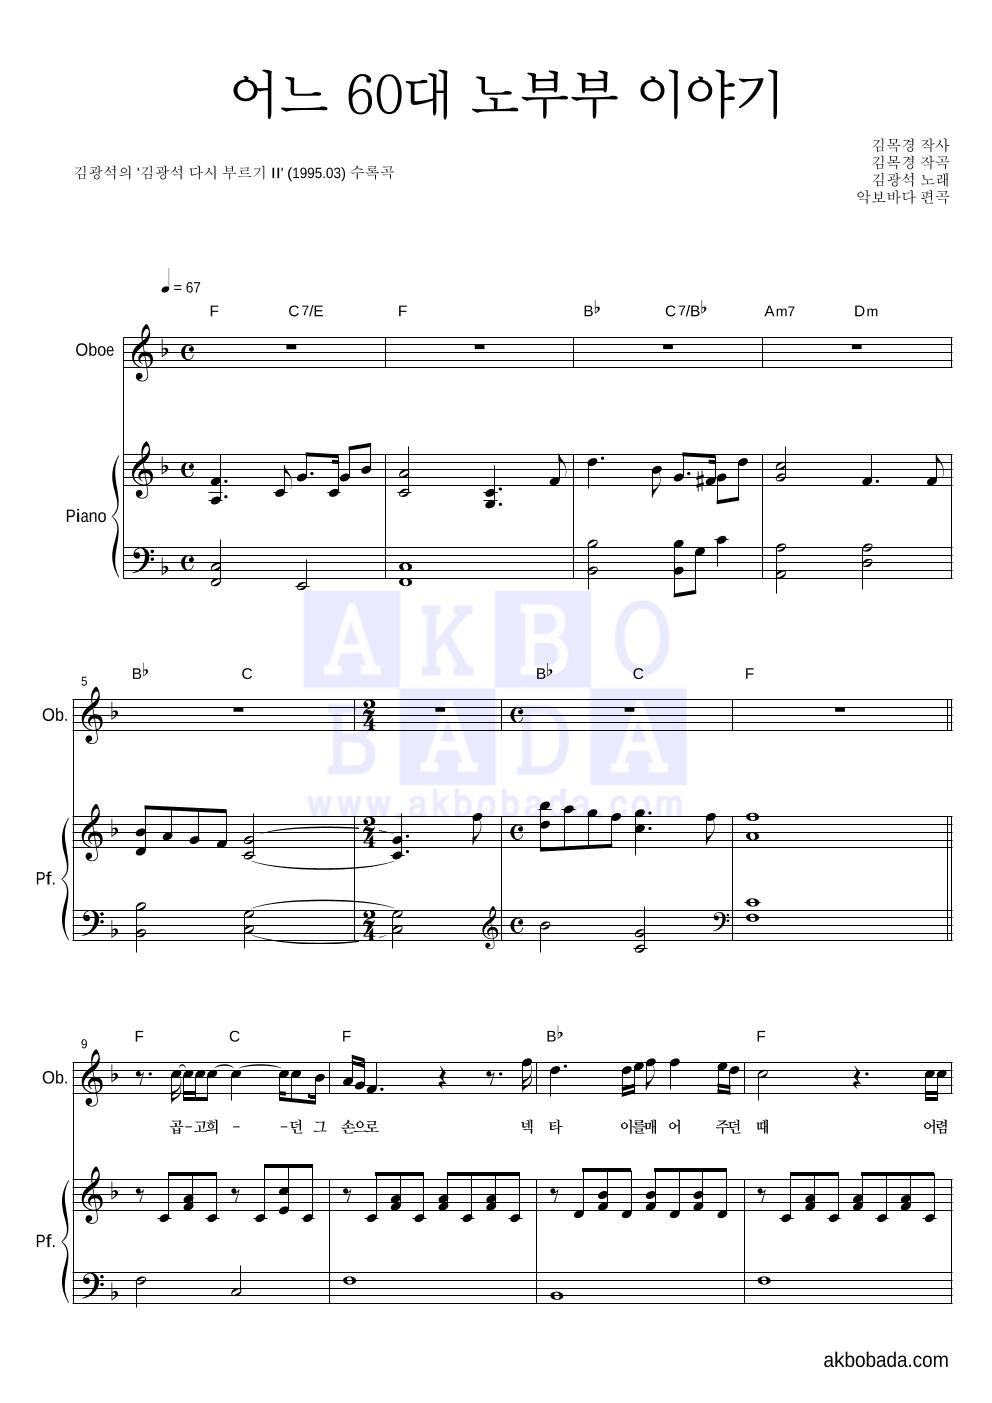 김광석 - 어느 60대 노부부 이야기 오보에&피아노 악보